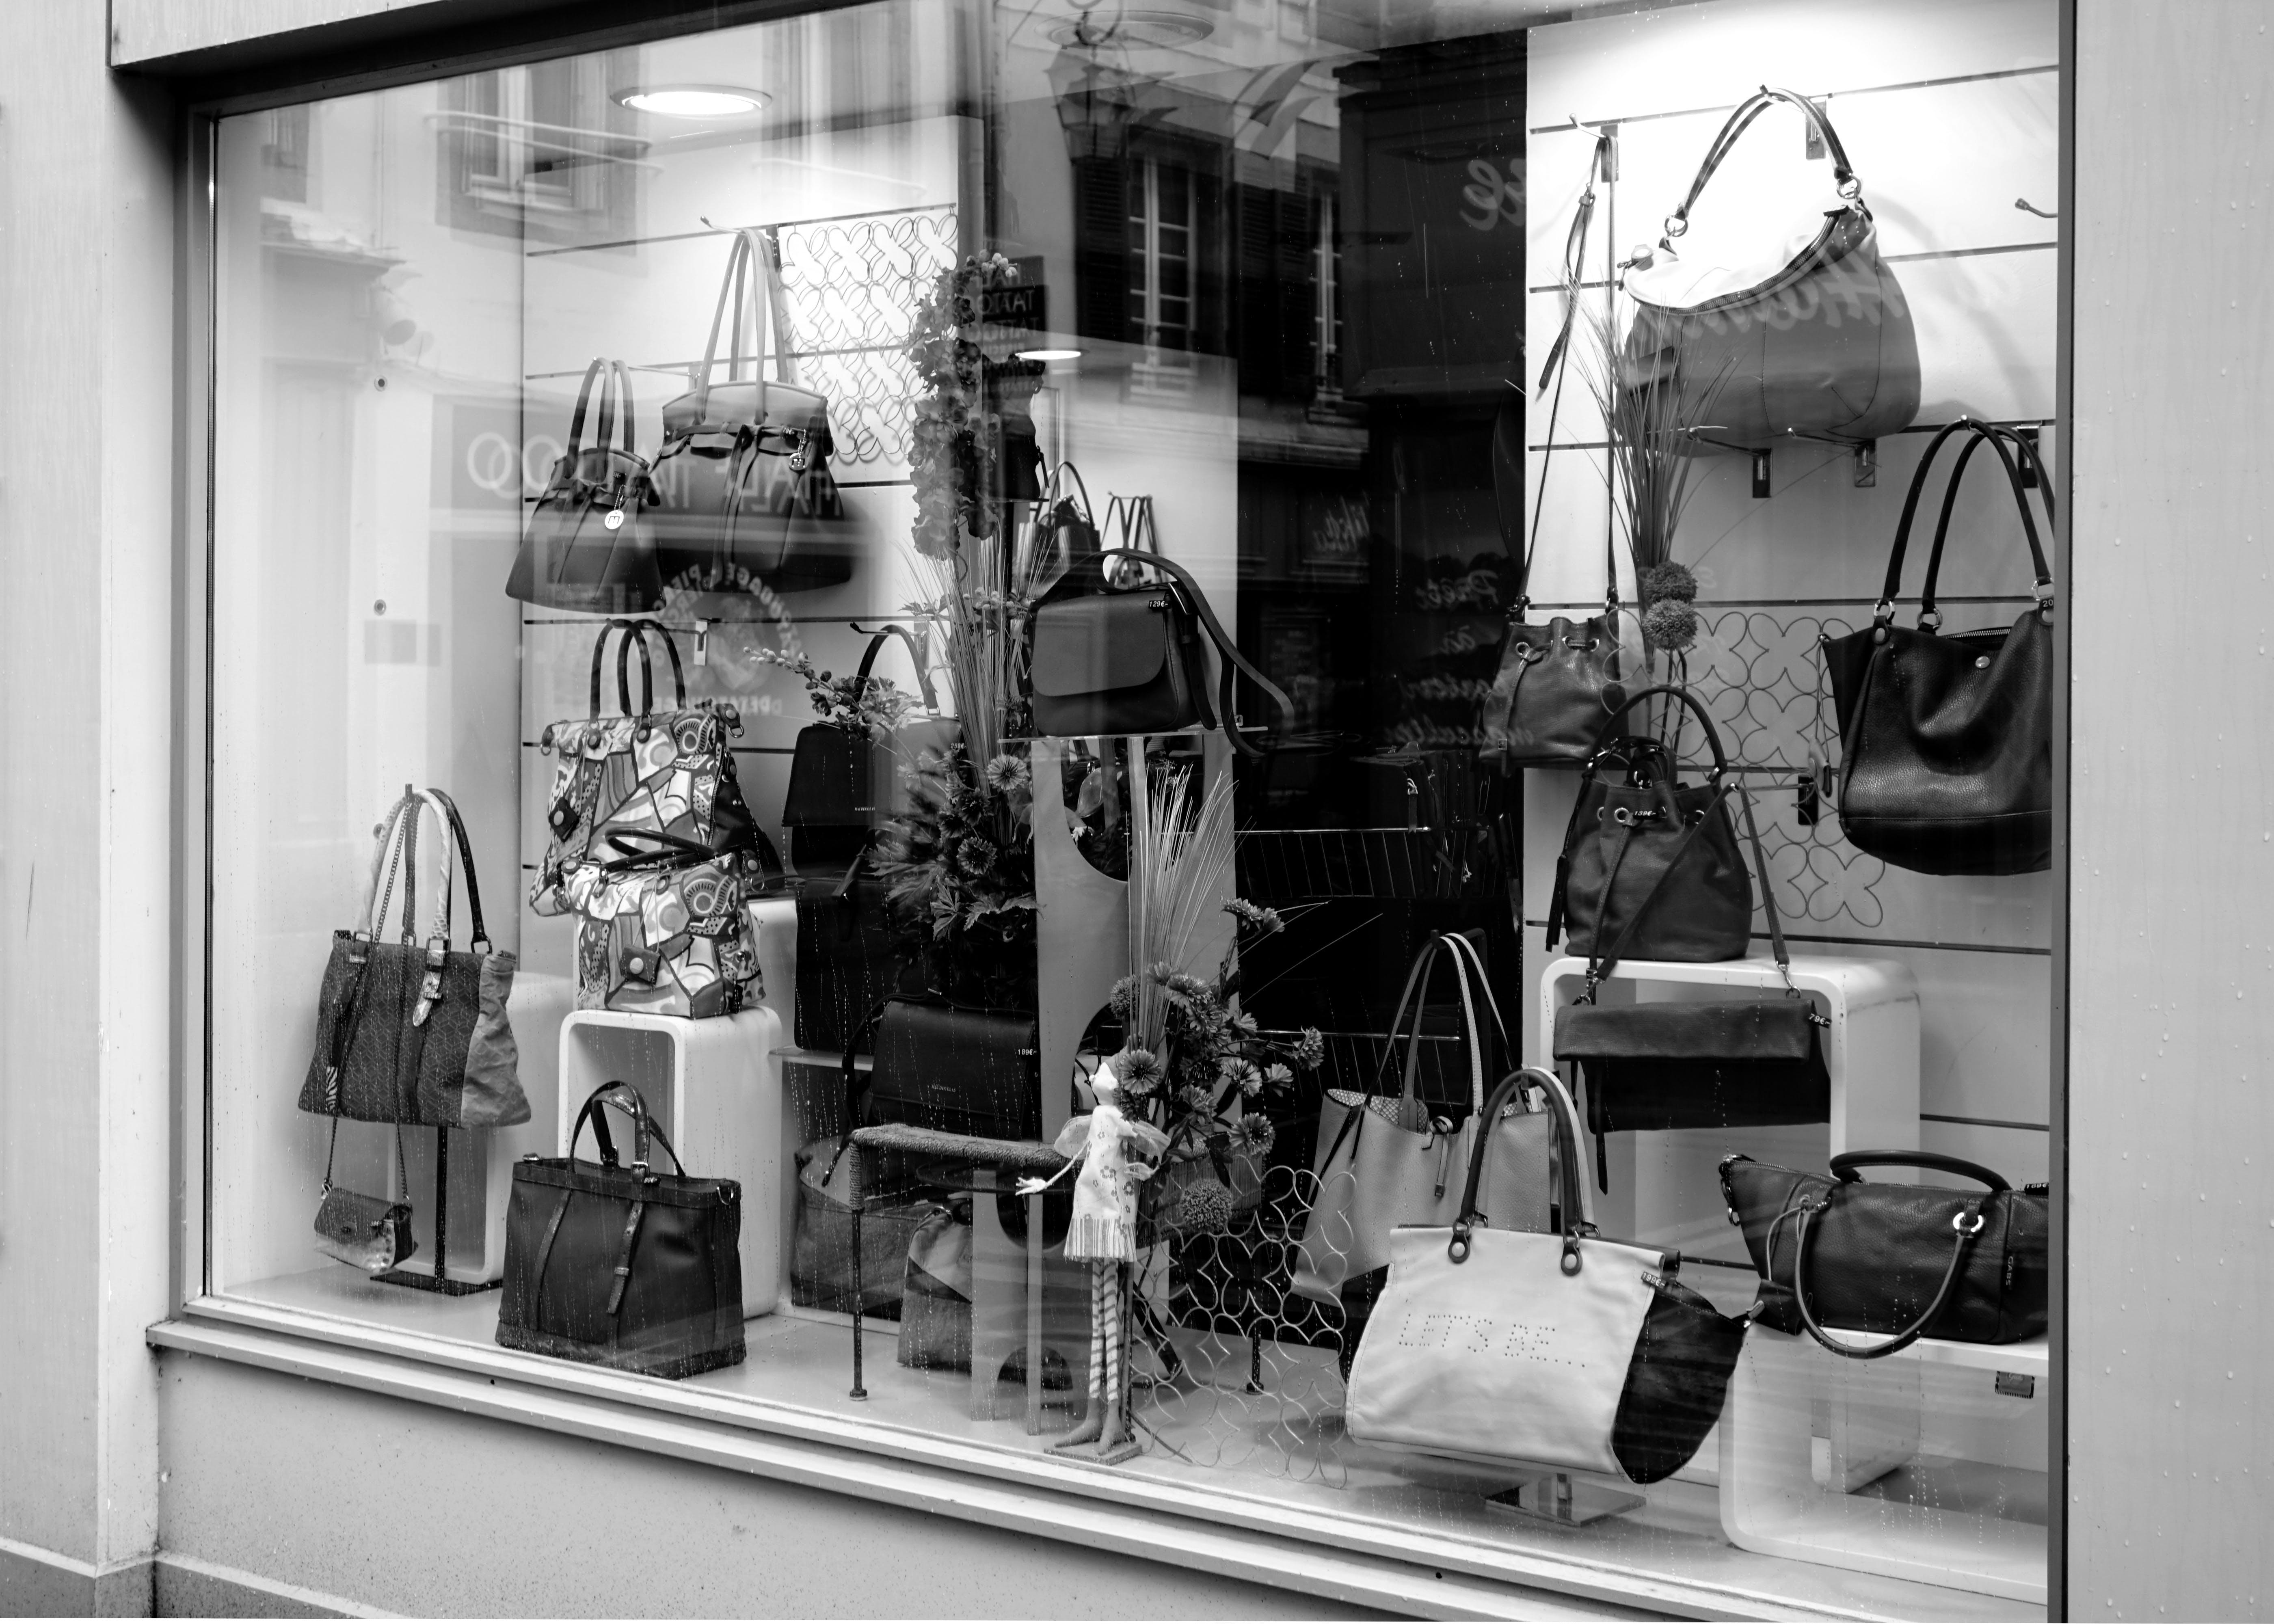 Kostenloses Stock Foto zu boutique, der umsatz, fenster anzeigen, glas